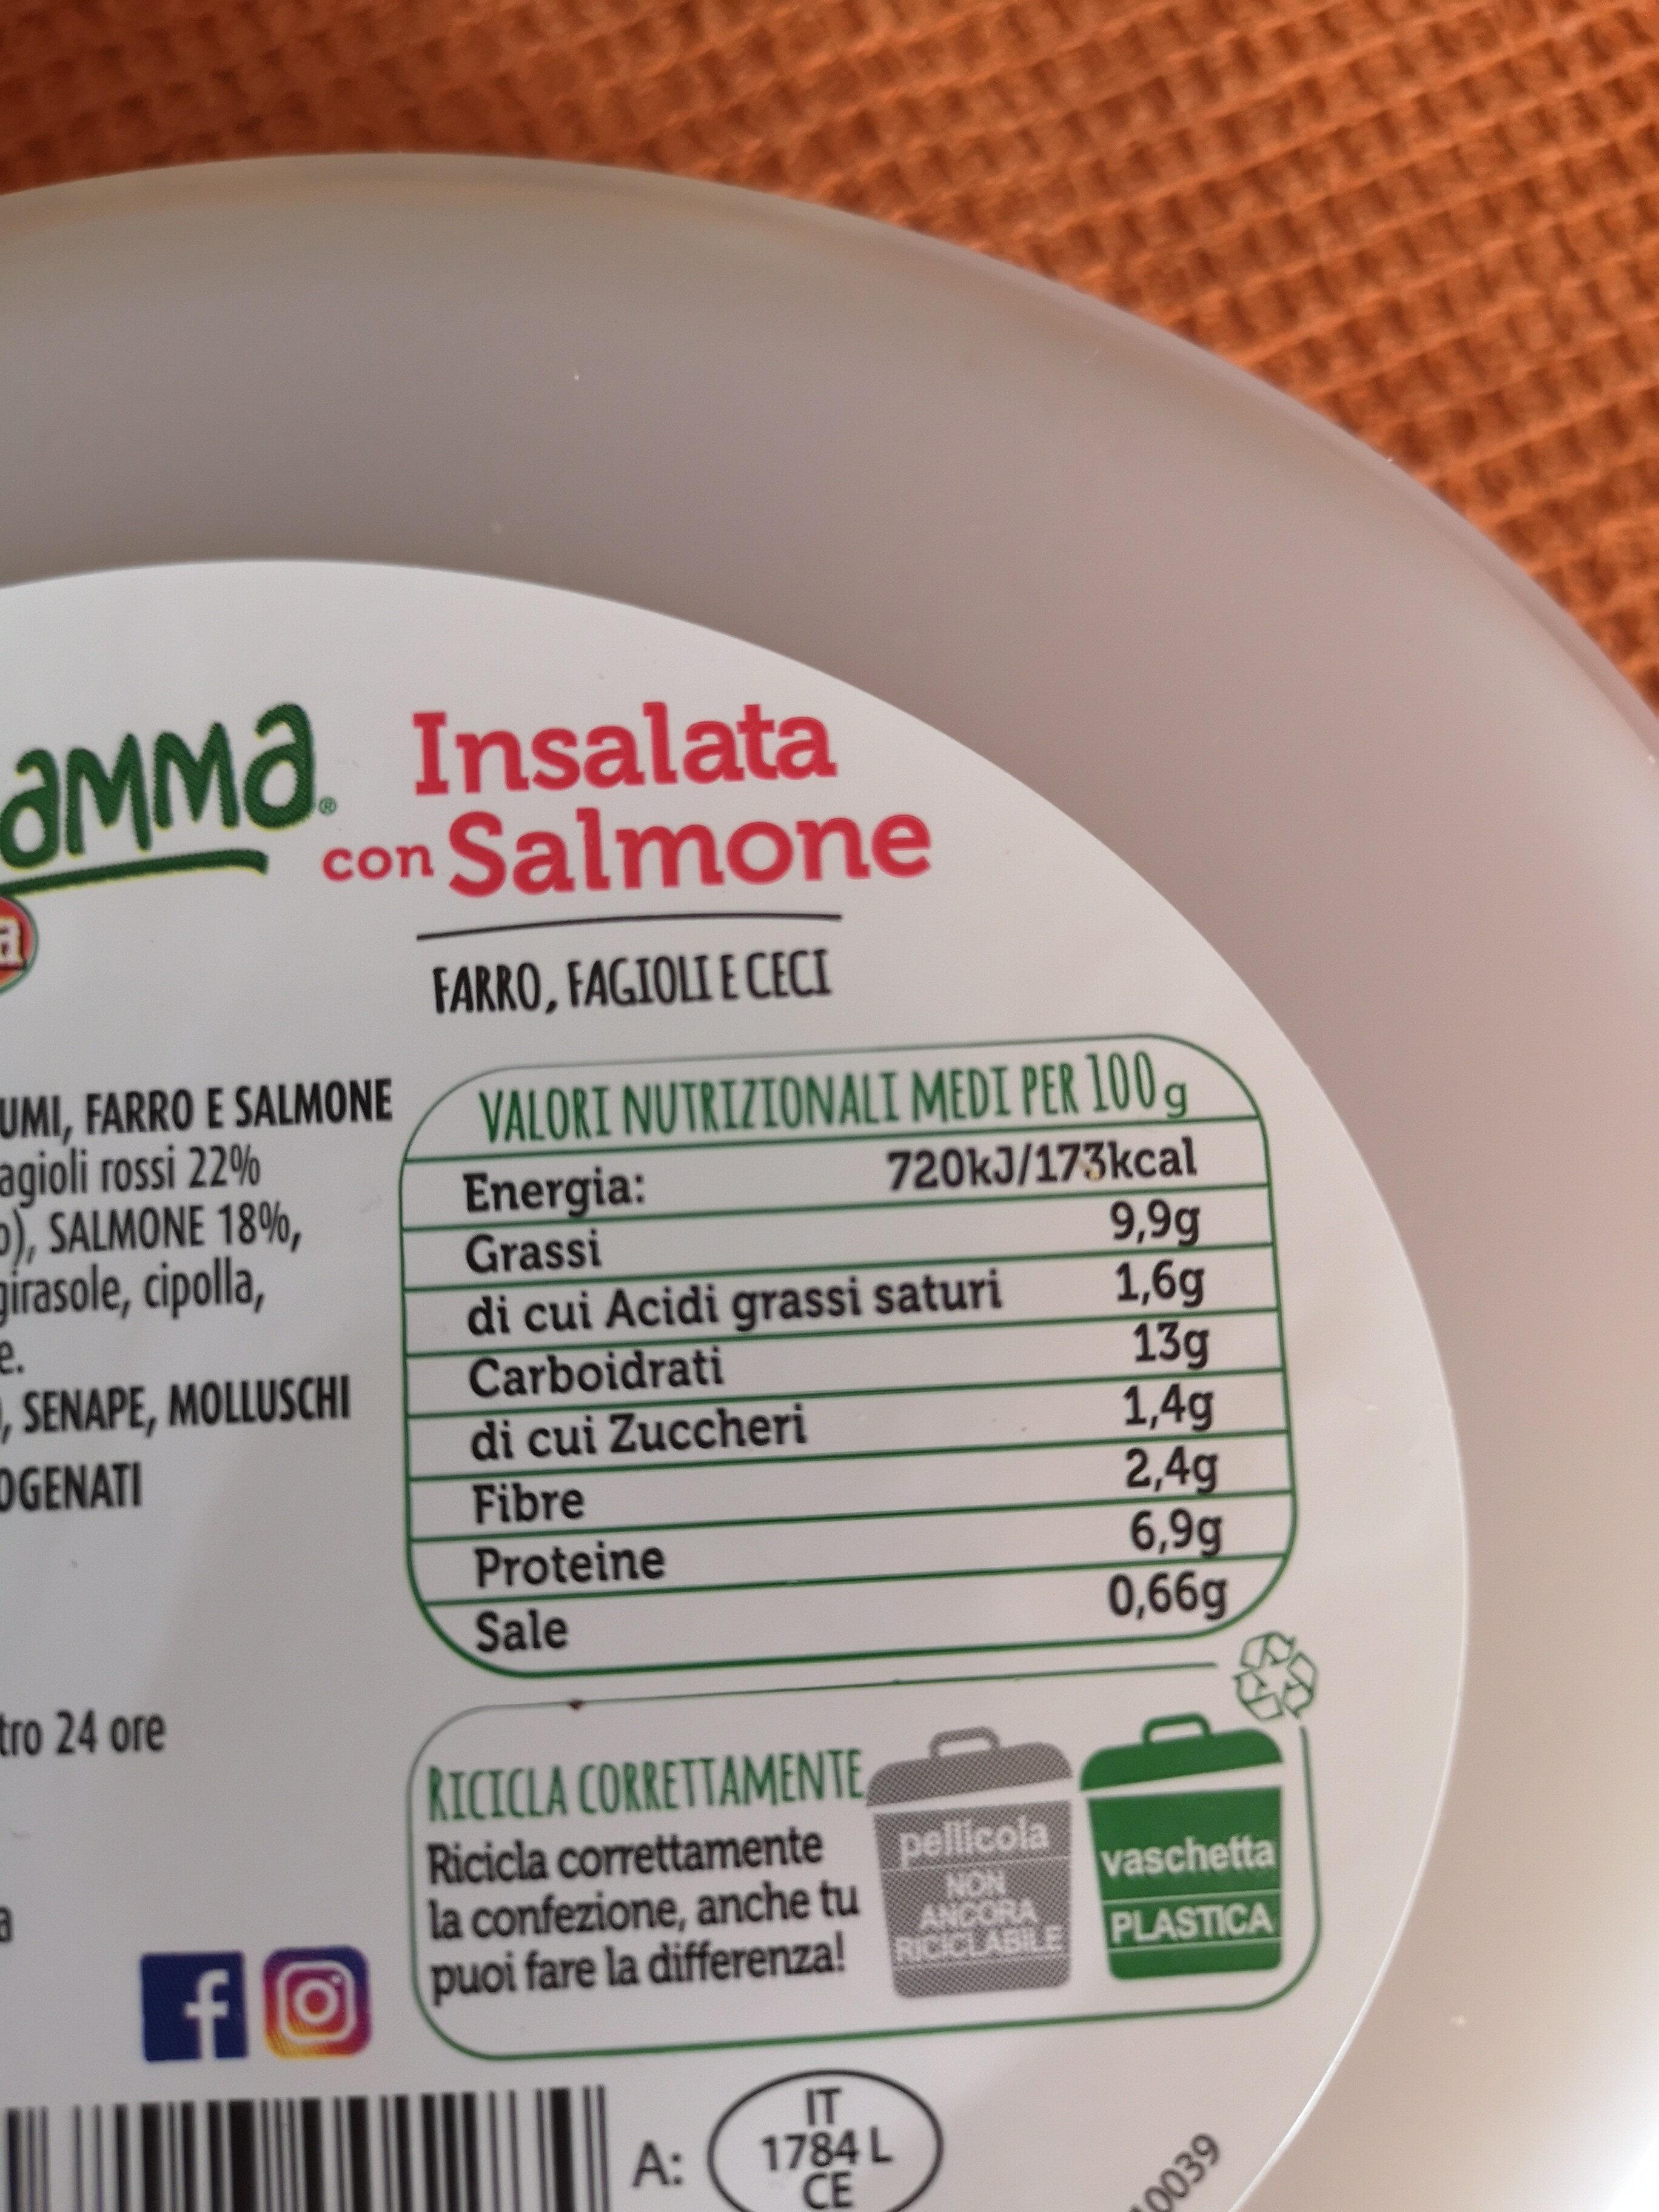 Insalata con salmone - Nährwertangaben - it